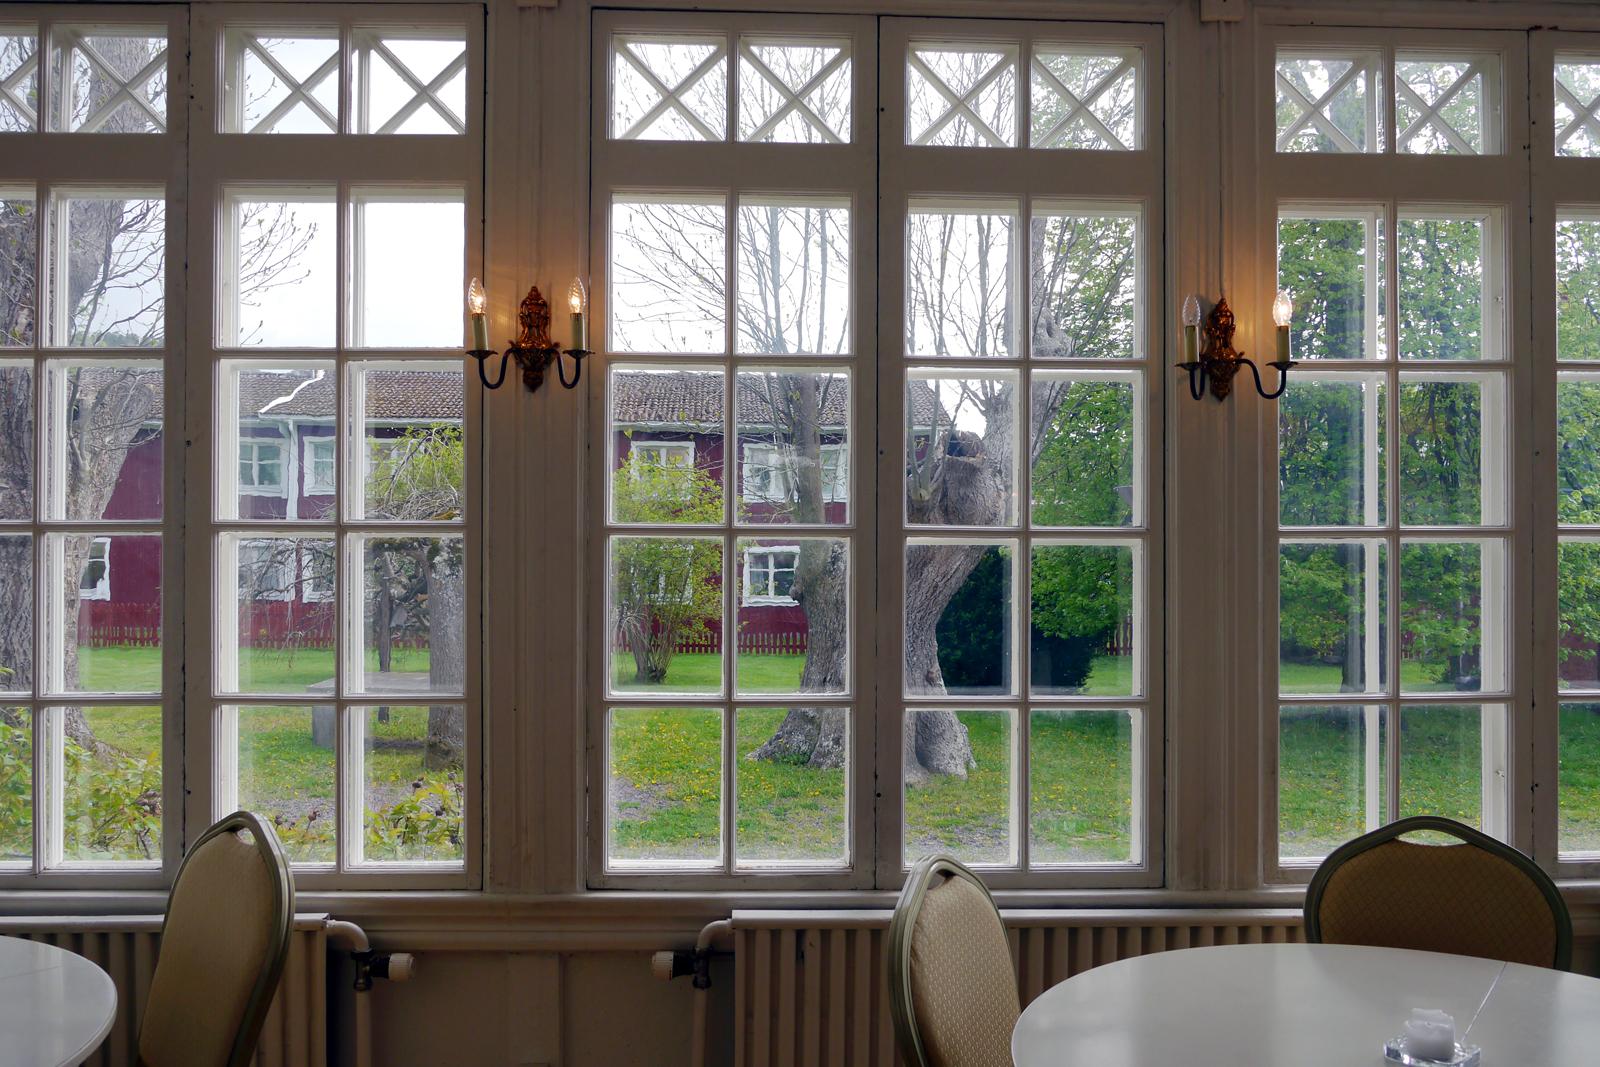 Der Blick vom Speisesaal des Grenna Hotell in den Garten des Hotels.